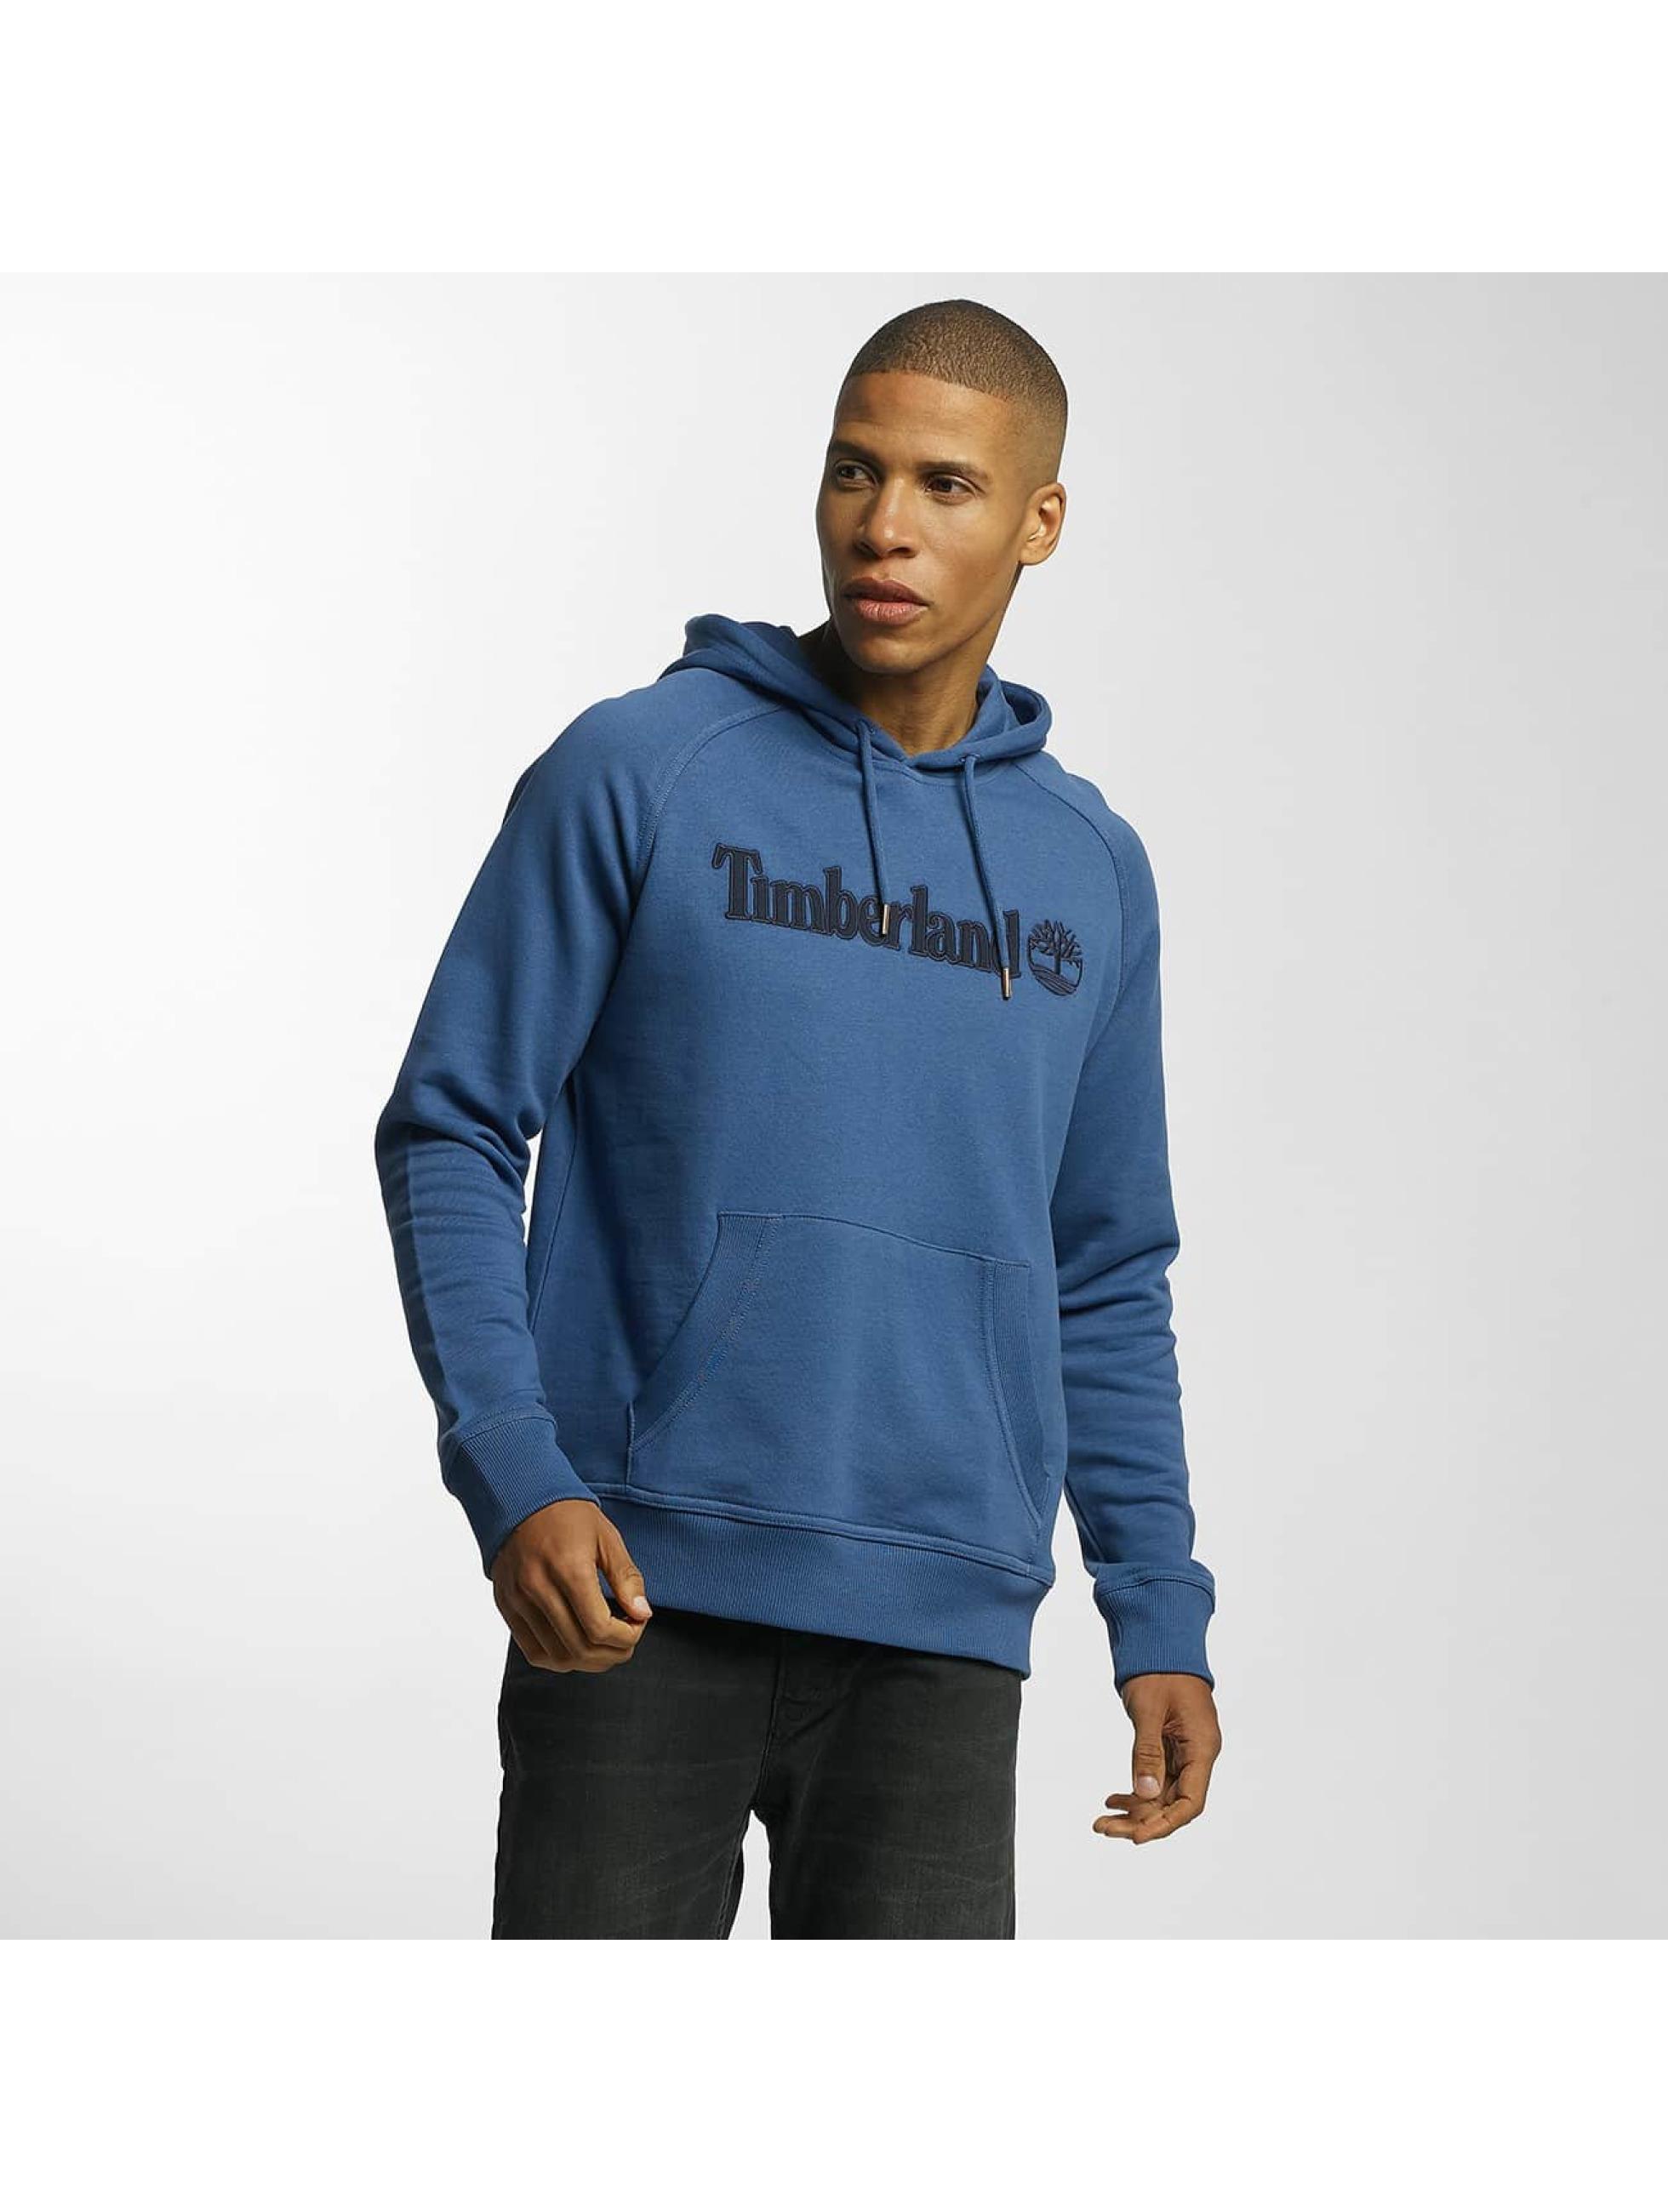 Timberland Hoodies Graph blå